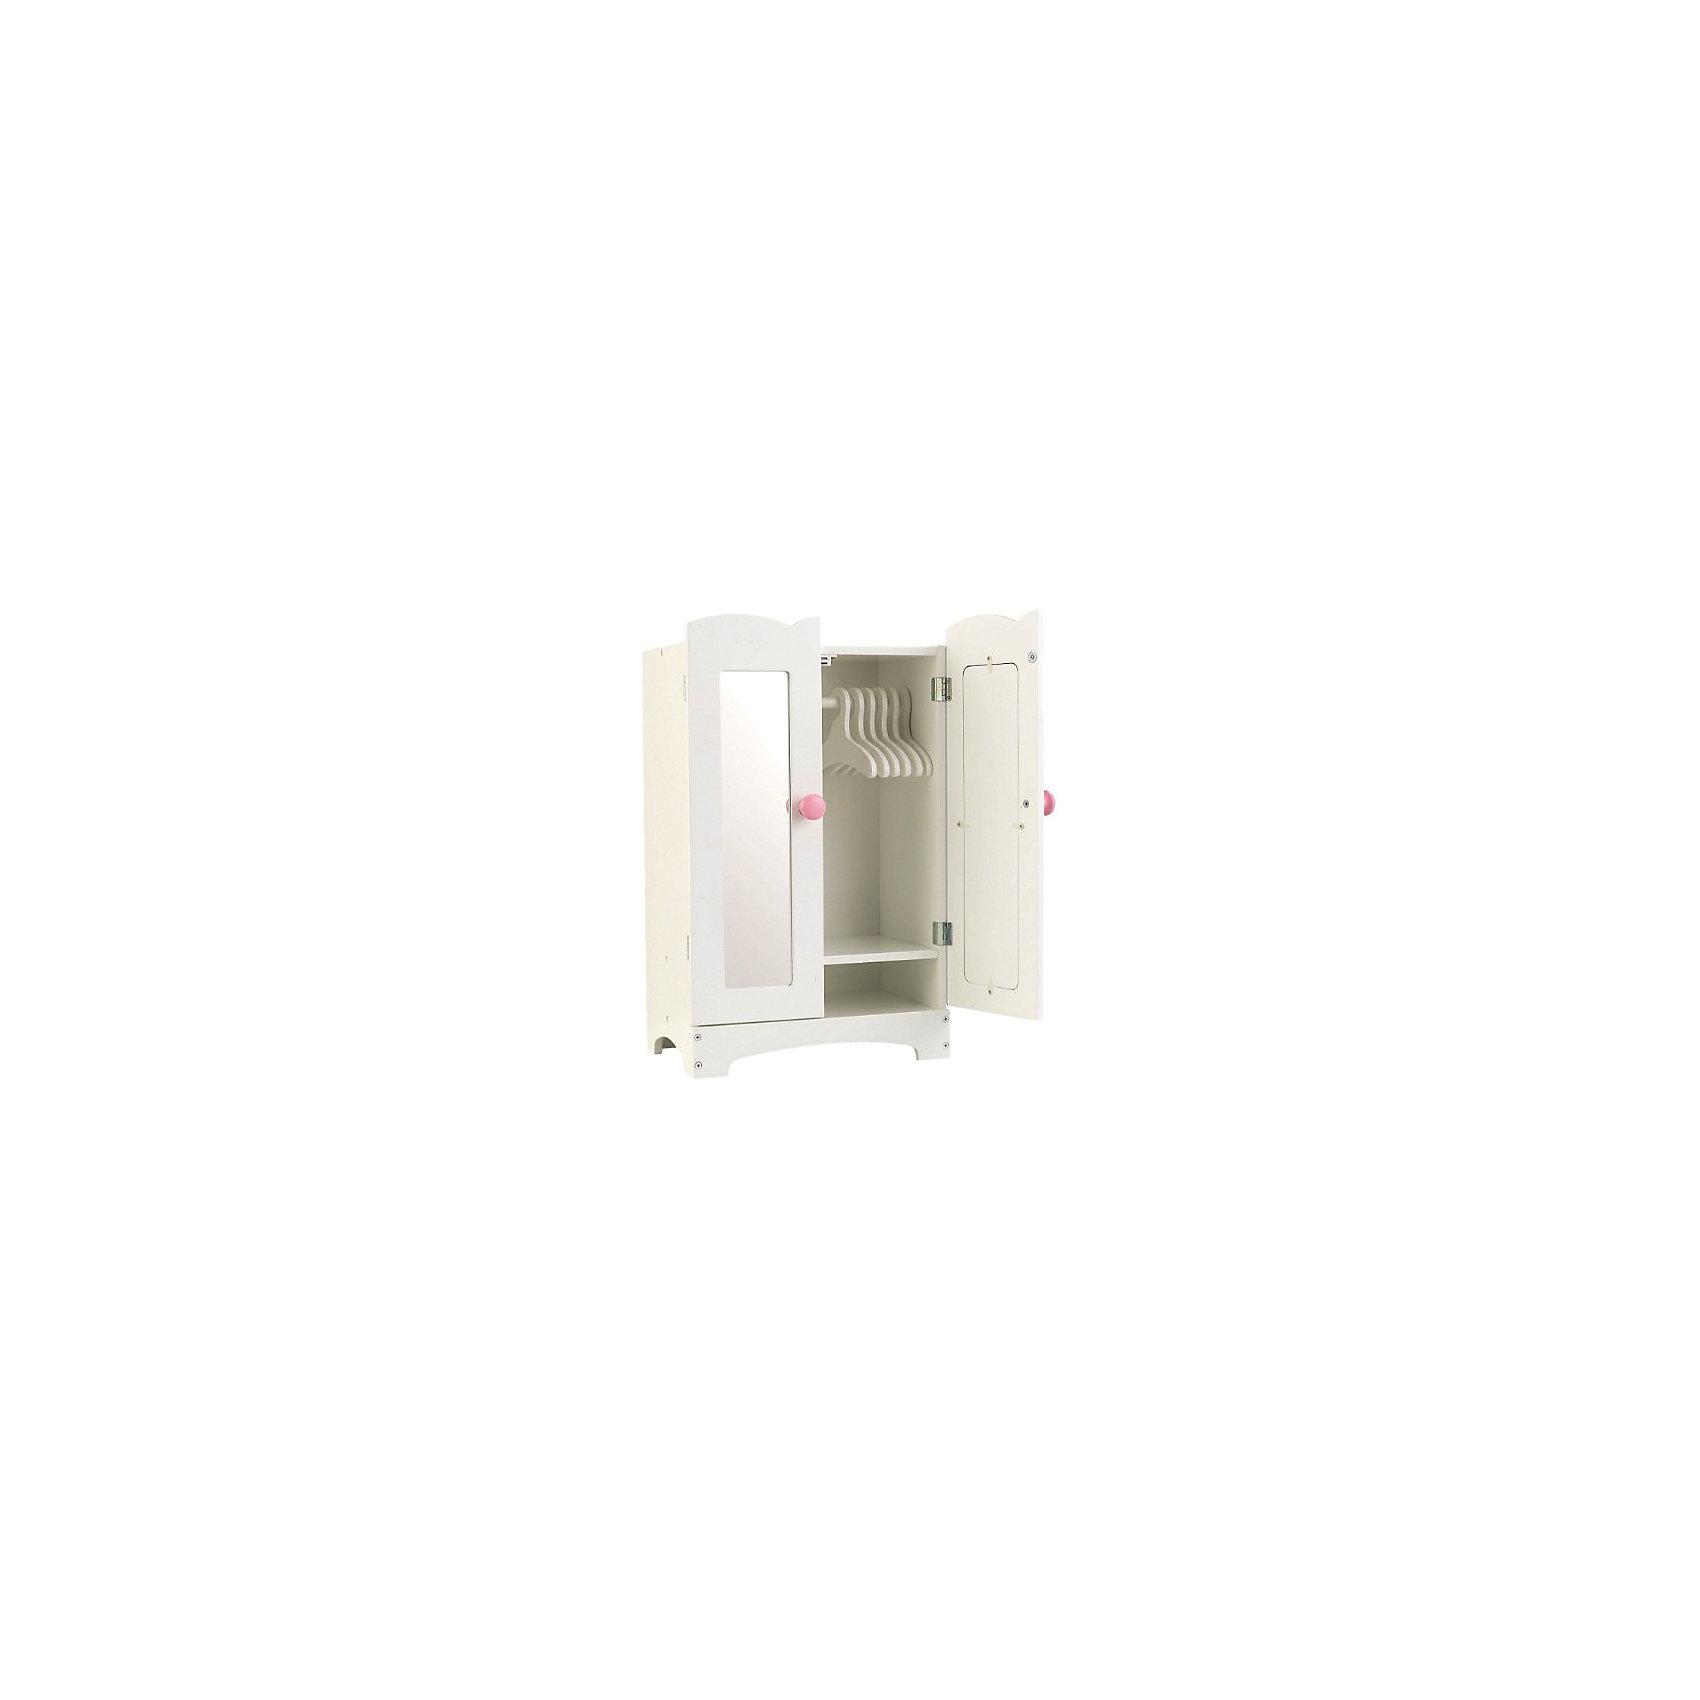 Кукольный шкаф для одежды, KidKraftКукольный шкаф для одежды, KidKraft (КидКрафт).<br><br>Характеристики:<br><br>• Материал: дерево.<br>• Цвет: белый.<br>• Размер игрушки: 30 x 22 x 48 см<br>• Вес: 4,3 кг<br>• Для детей от 3 лет<br><br>Очаровательный кукольный шкаф для одежды KidKraft - необходимый предмет мебели для наведения порядка в кукольном гардеробе. Шкафчик выполнен из дерева, окрашен в белый цвет, декорирован розовыми круглыми ручками. Внутри шкафчика 6 вешалок, на которые можно развесить кукольные платья. Таким образом, ваша девочка будет приучаться к аккуратности. На дверцах шкафа -зеркальные панели, как у настоящего «взрослого» шкафа.<br><br>Кукольный шкаф для одежды, KidKraft (КидКрафт), можно купить в нашем интернет – магазине.<br><br>Ширина мм: 520<br>Глубина мм: 350<br>Высота мм: 90<br>Вес г: 4300<br>Возраст от месяцев: 36<br>Возраст до месяцев: 120<br>Пол: Женский<br>Возраст: Детский<br>SKU: 5044995